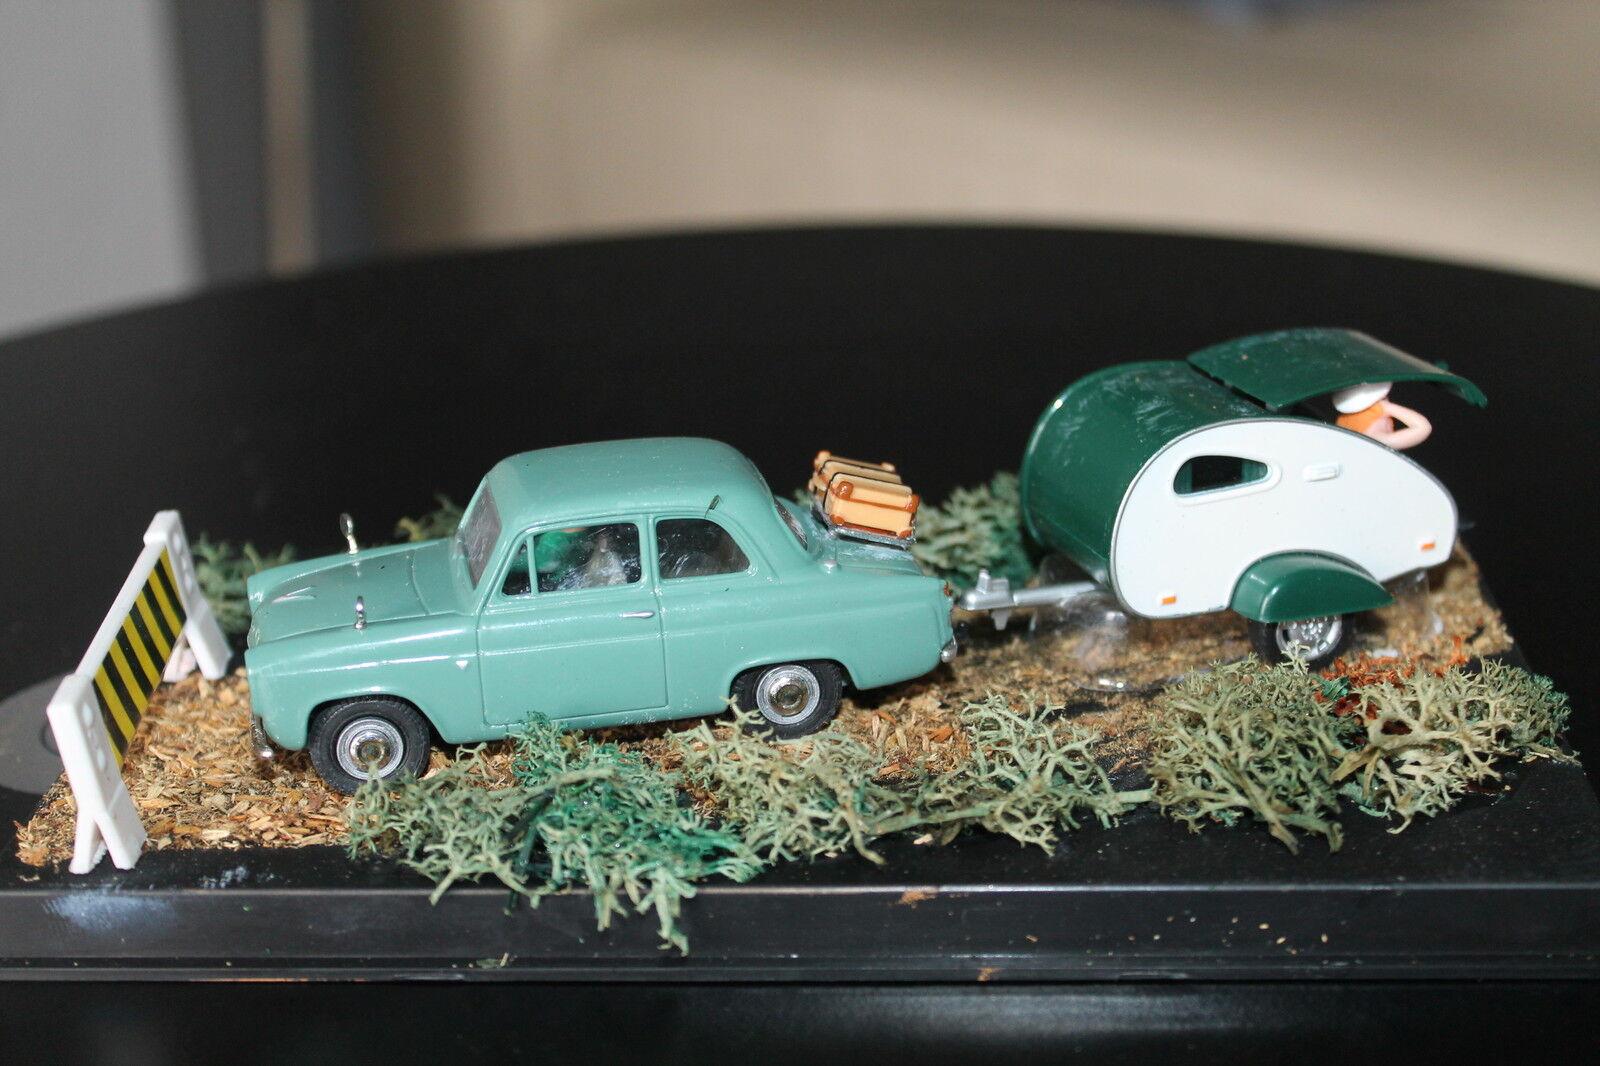 CORGI vanguards  Ford Anglia 100e  & voitureavane diorama  pièce unique  meilleurs prix et styles les plus frais